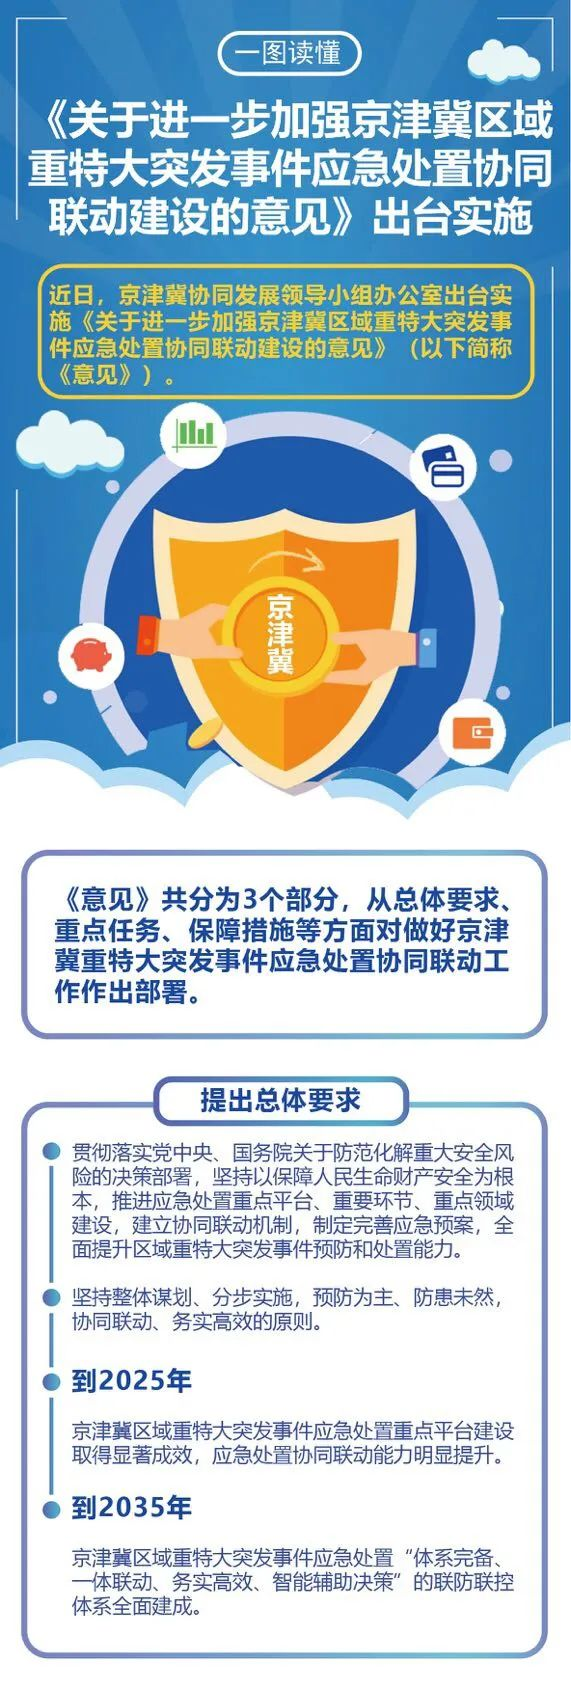 《關于進一步增強京津冀區域重特大突發事宜應急處理協同聯動建立的看法》圖片